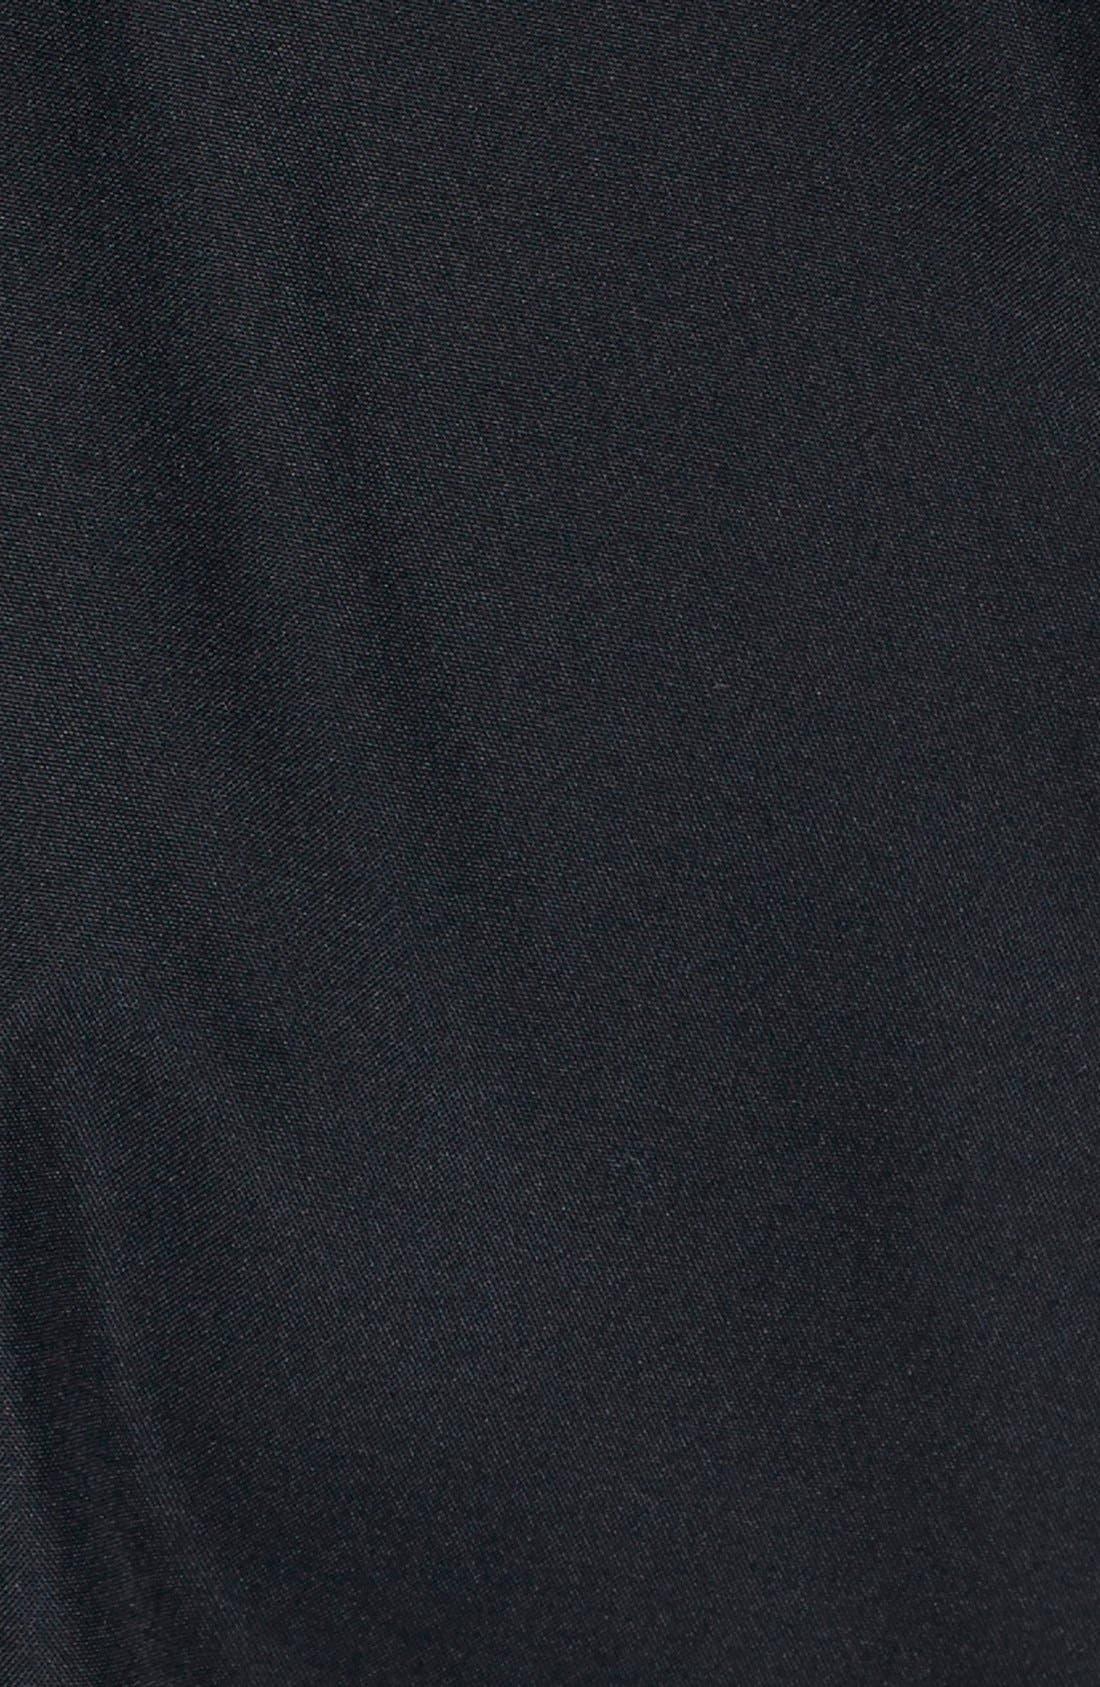 Alternate Image 3  - Under Armour 'Qualifier' Running Jacket